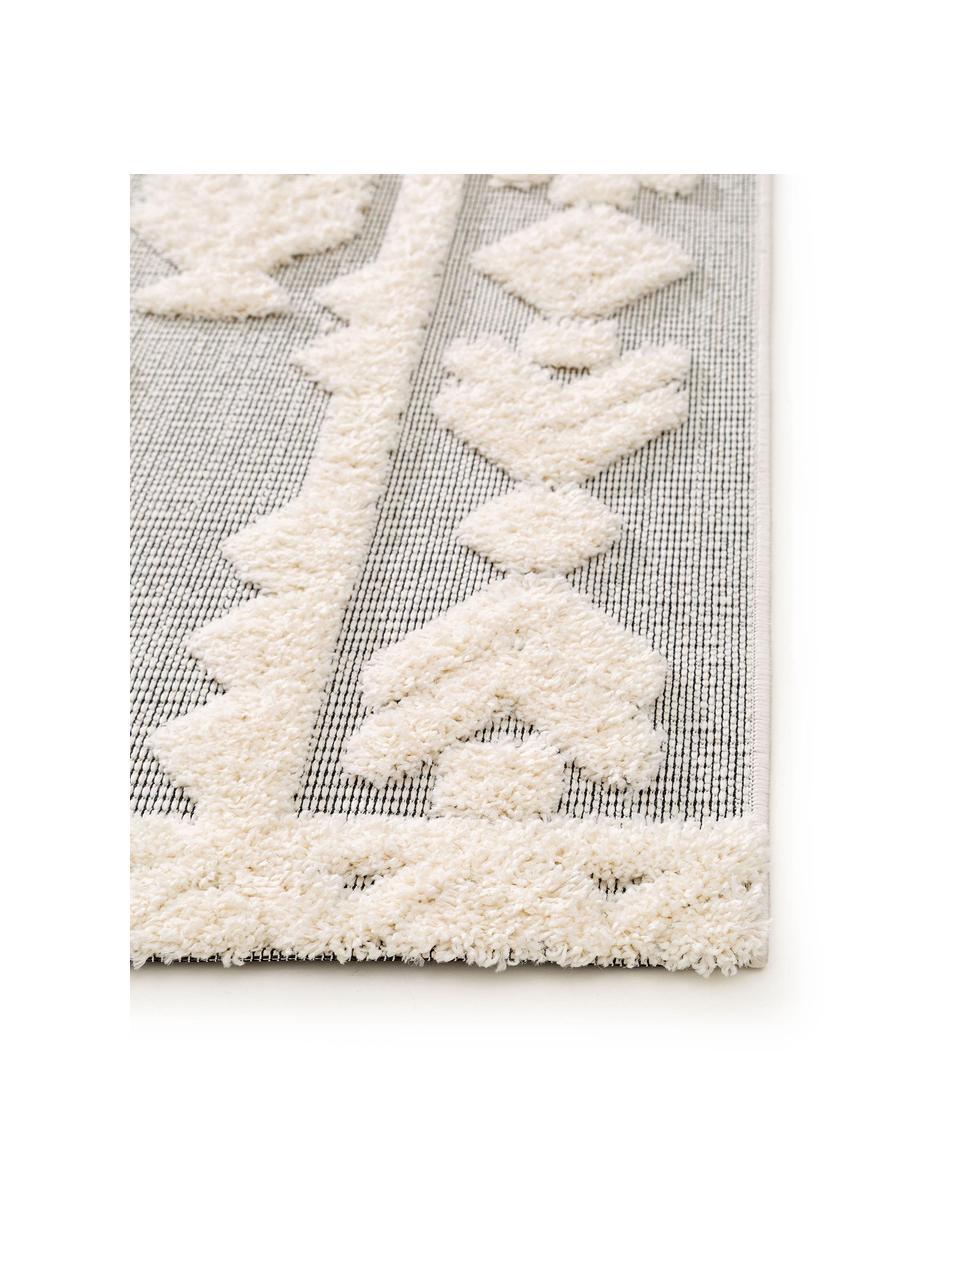 Ethno in- & outdoor vloerkleed Carlo met hoog-laag structuur, 100% polyethyleen, Grijs, crèmekleurig, B 120 x L 170 cm (maat S)